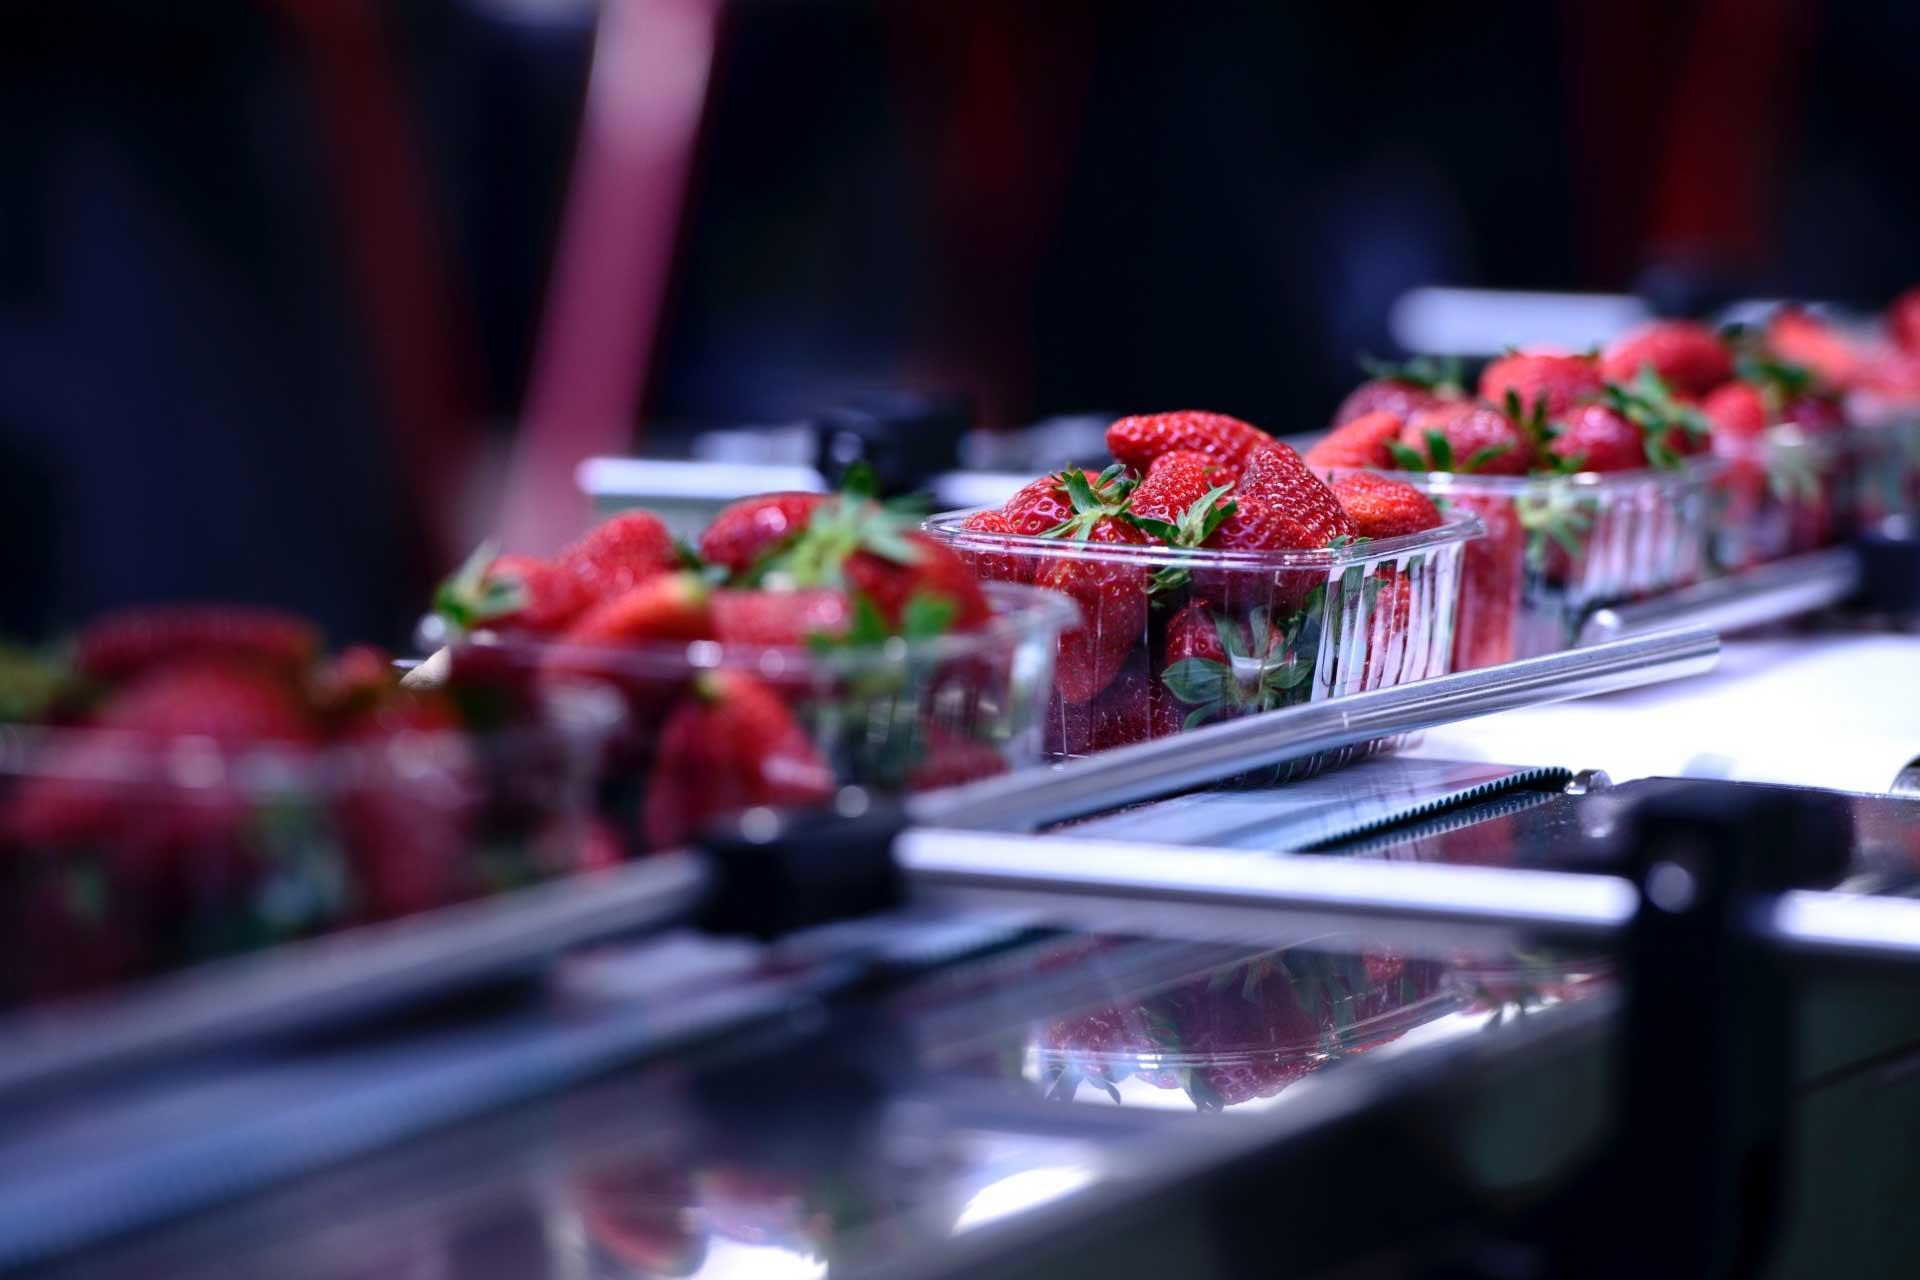 Proizvodnja mašina za obradu voća i povrća i pekarske opreme